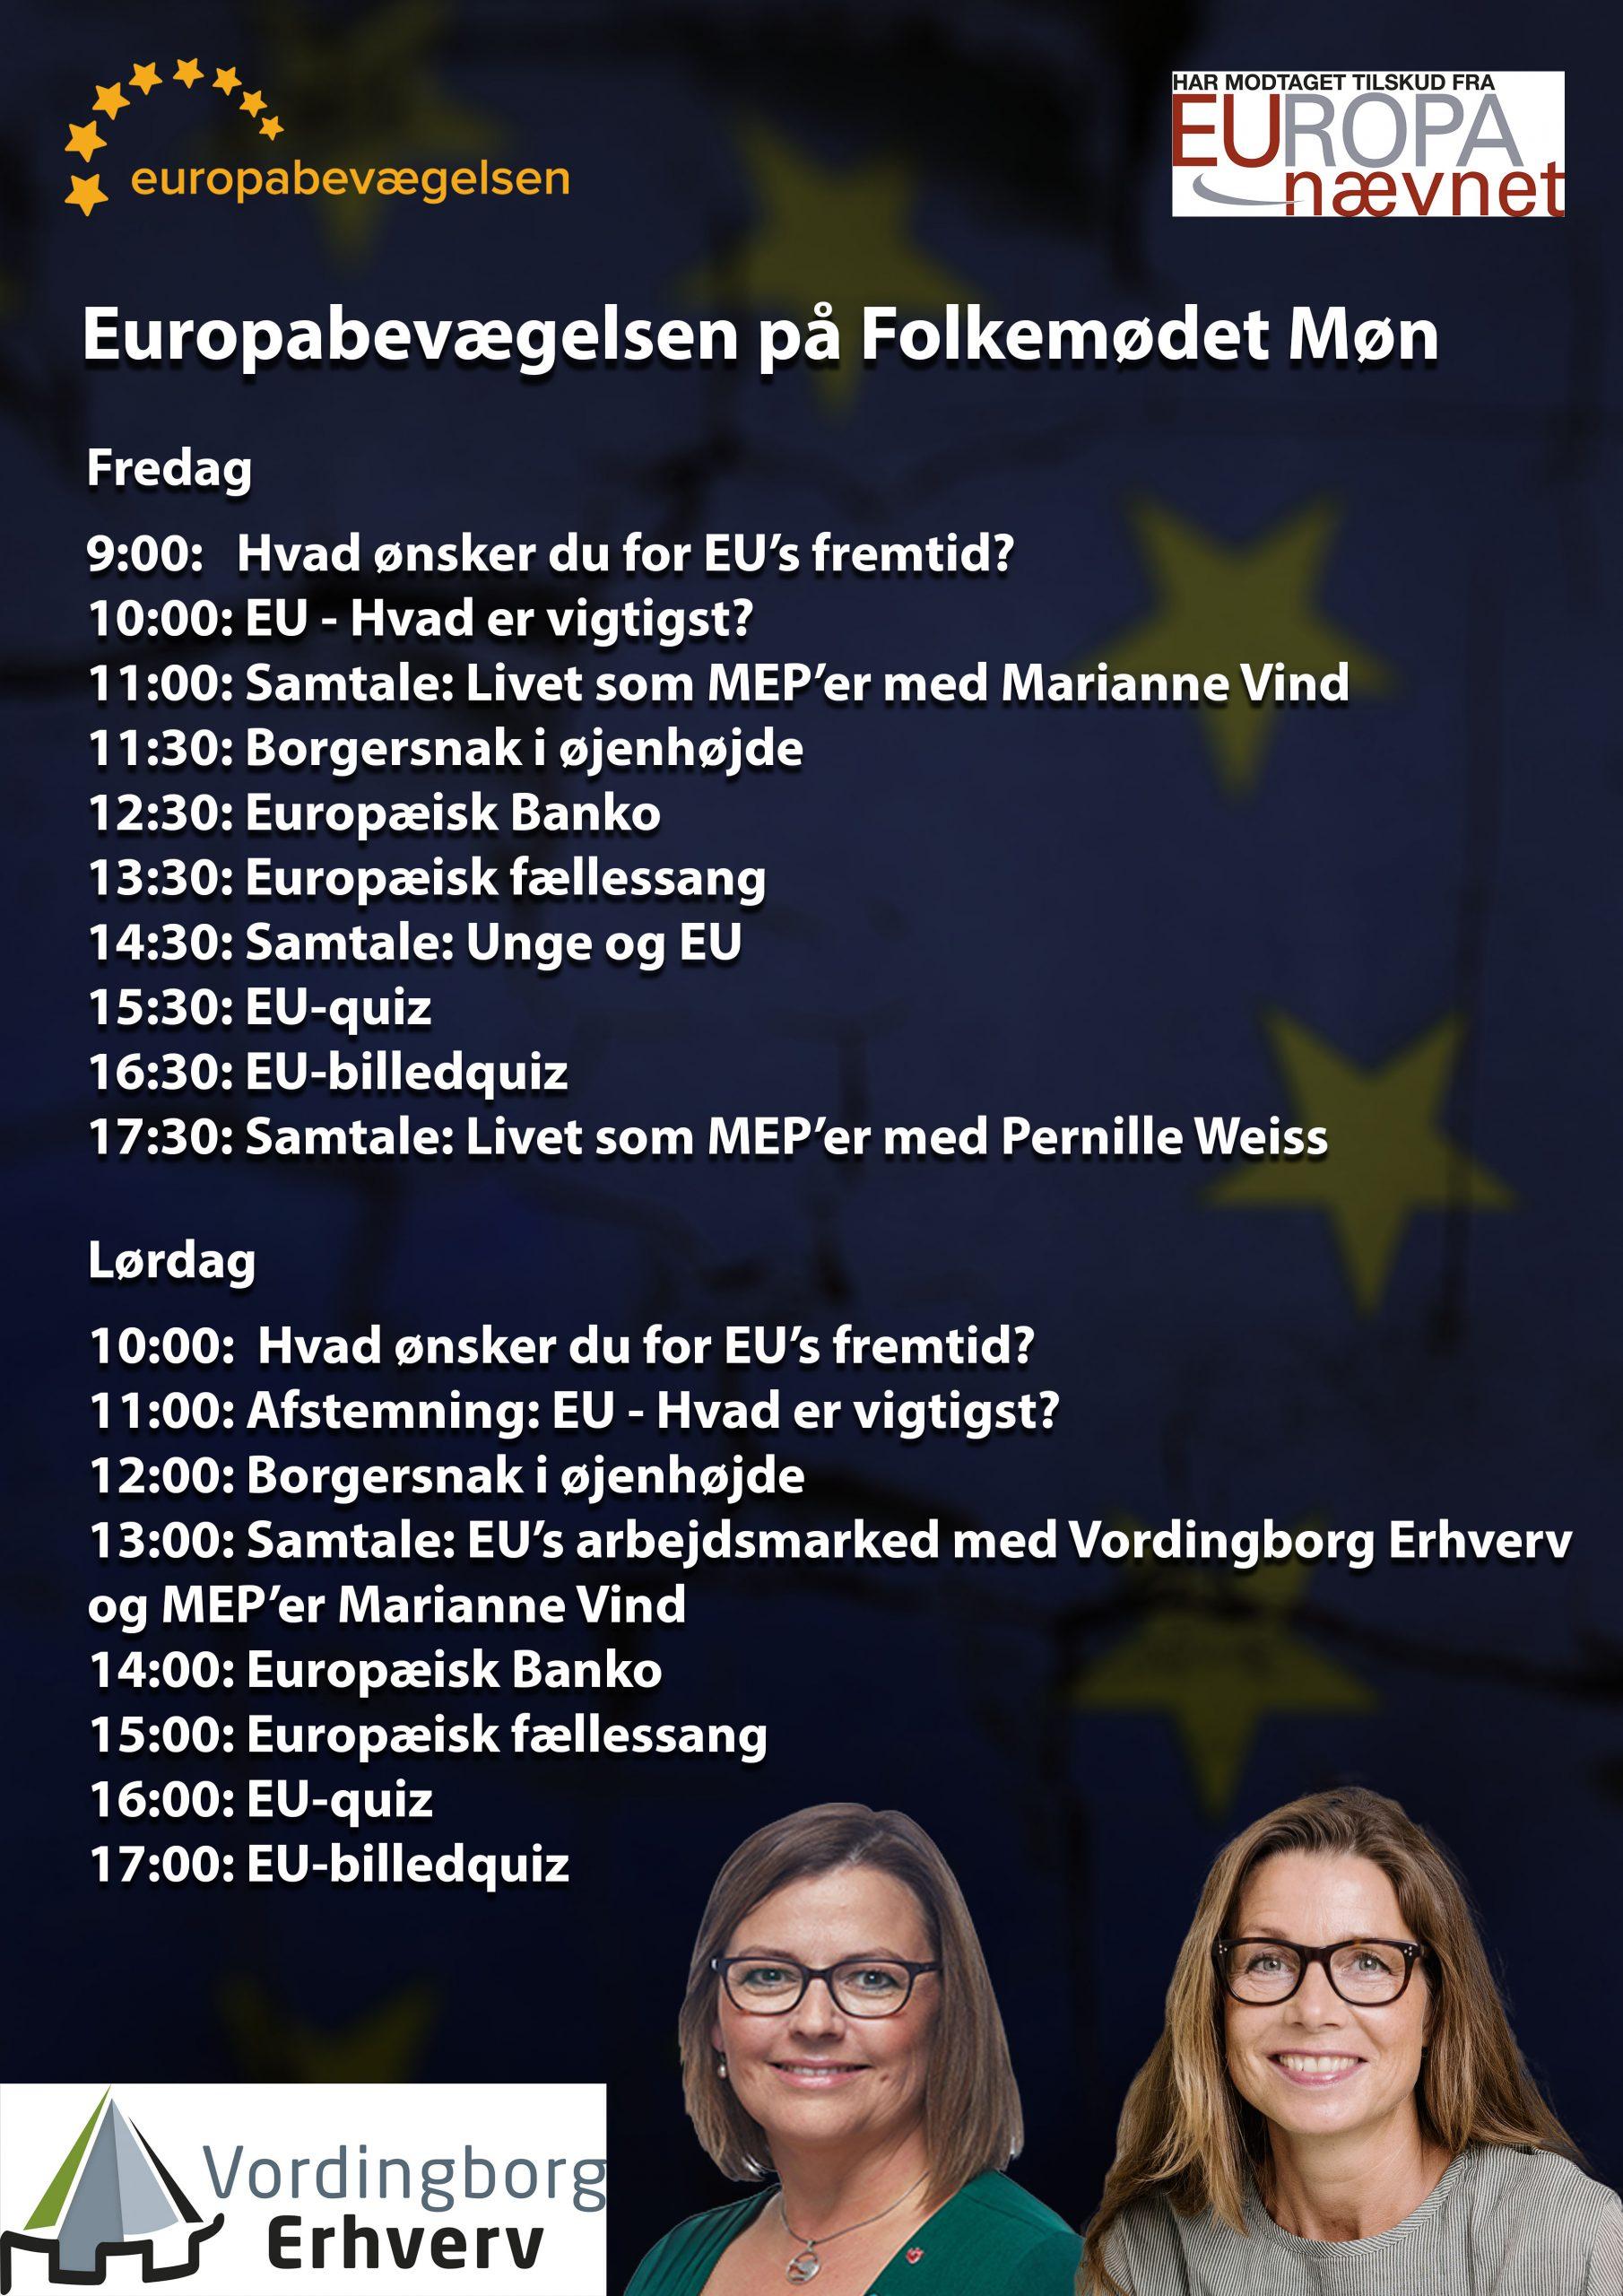 Europabevægelsen på Folkemødet Møn